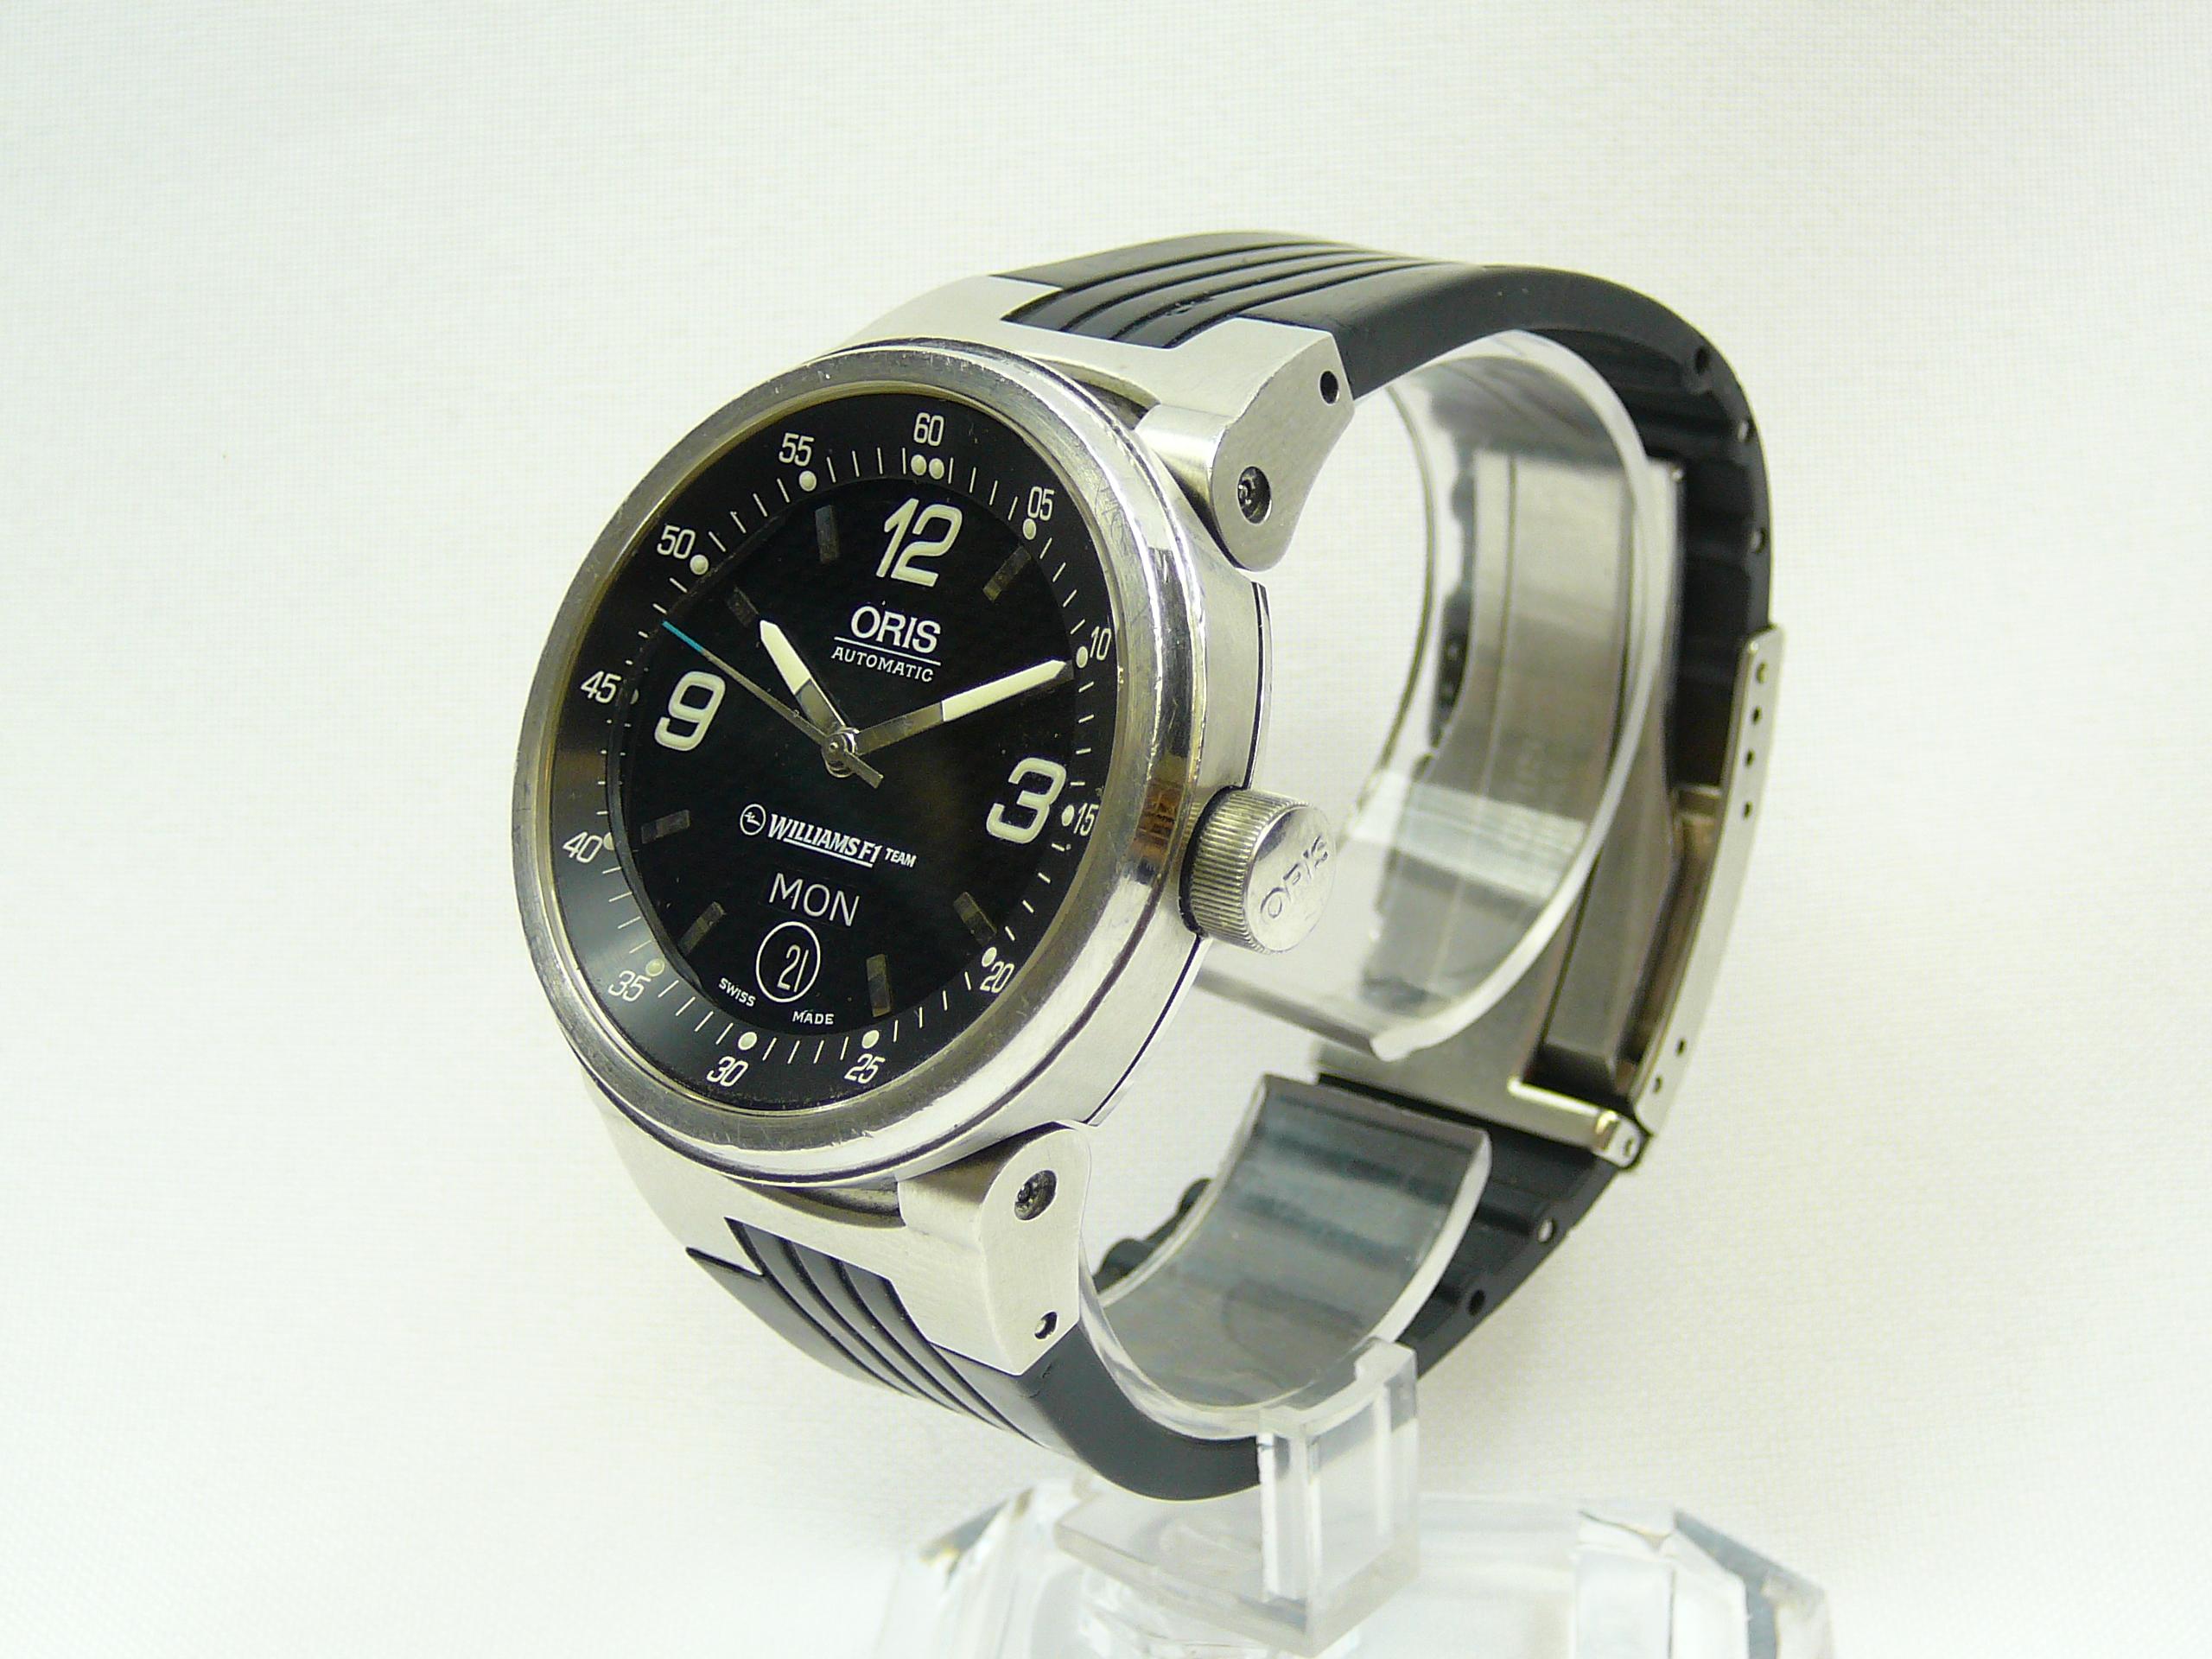 Gents Oris Wrist Watch